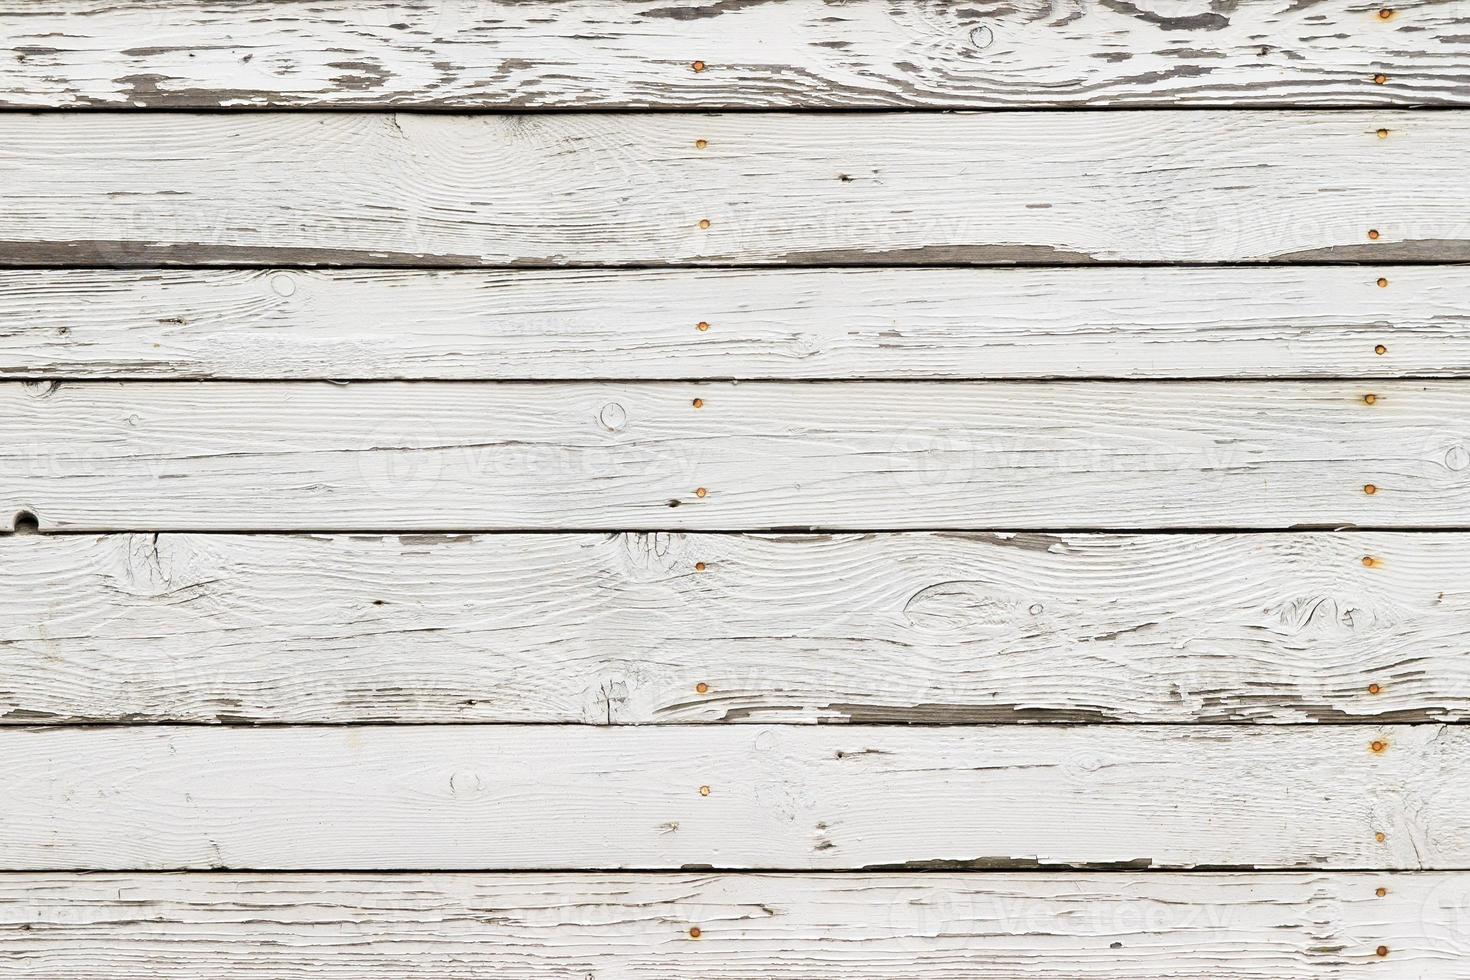 die weiße Holzstruktur mit natürlichem Musterhintergrund foto